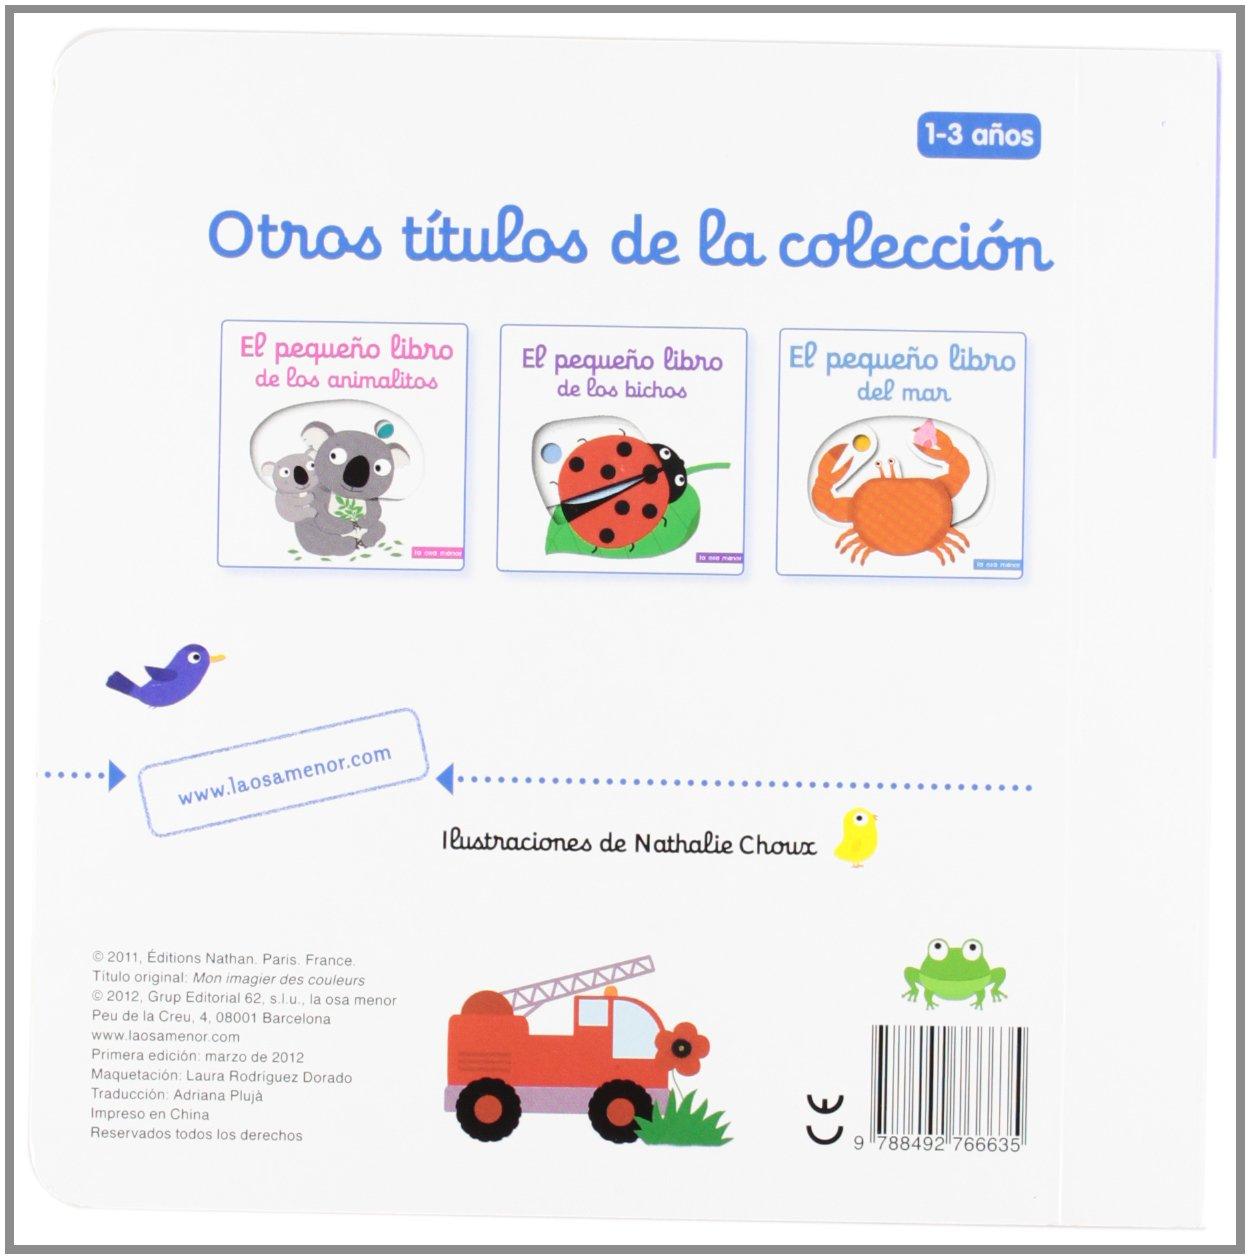 El pequeño libro de los colores (Luna de papel): Amazon.es: Nathalie Choux,  Adriana Plujà: Libros